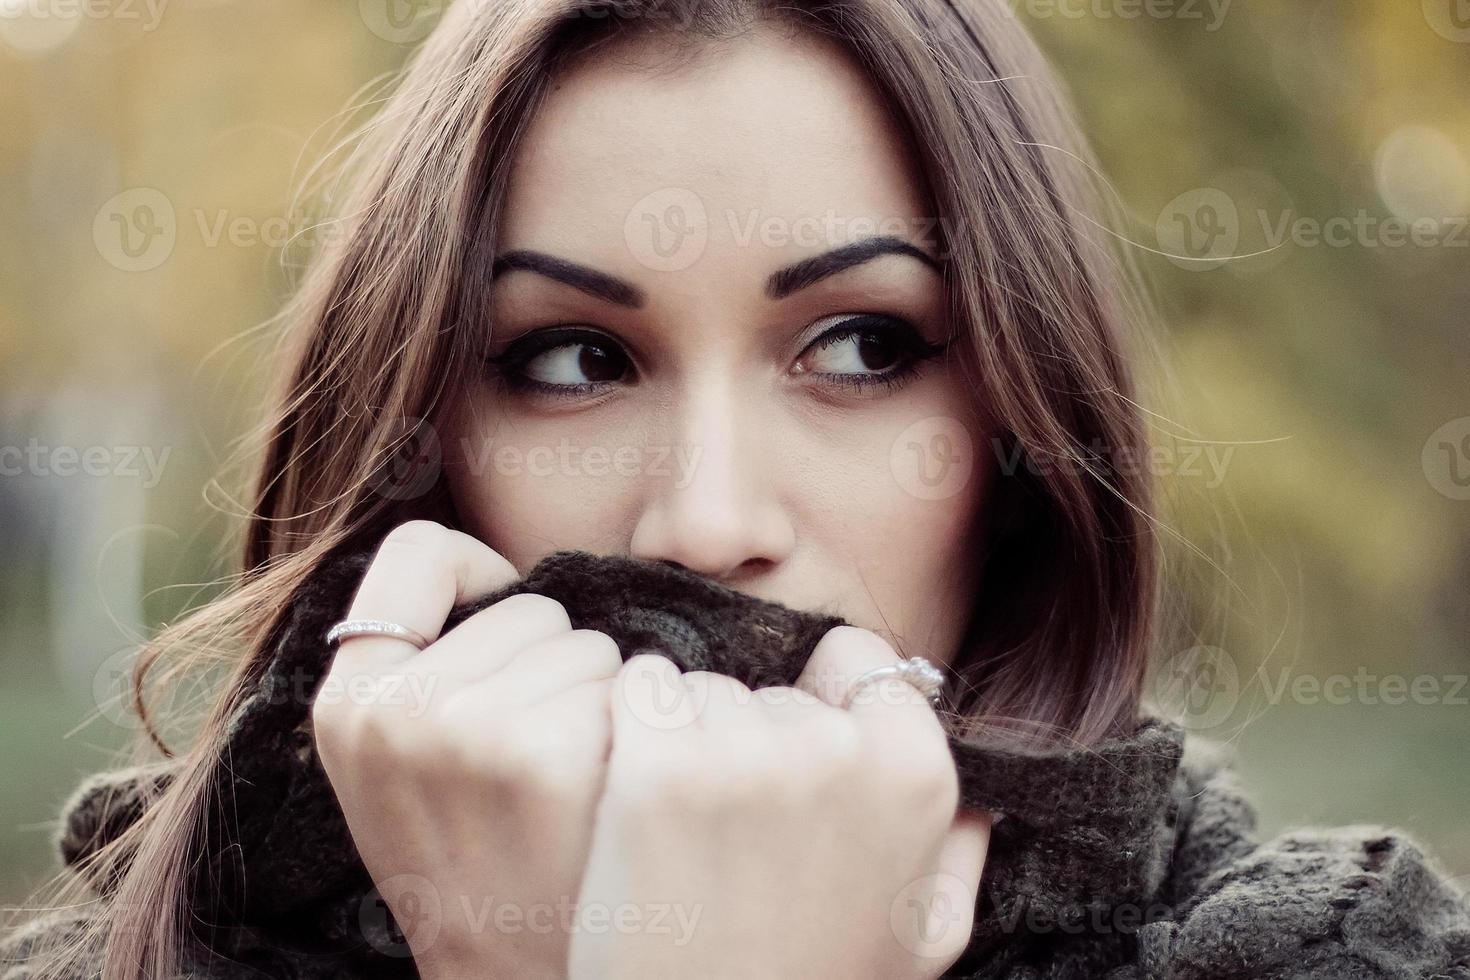 mulher triste, de cabelos escuros, envolvida em um lenço foto